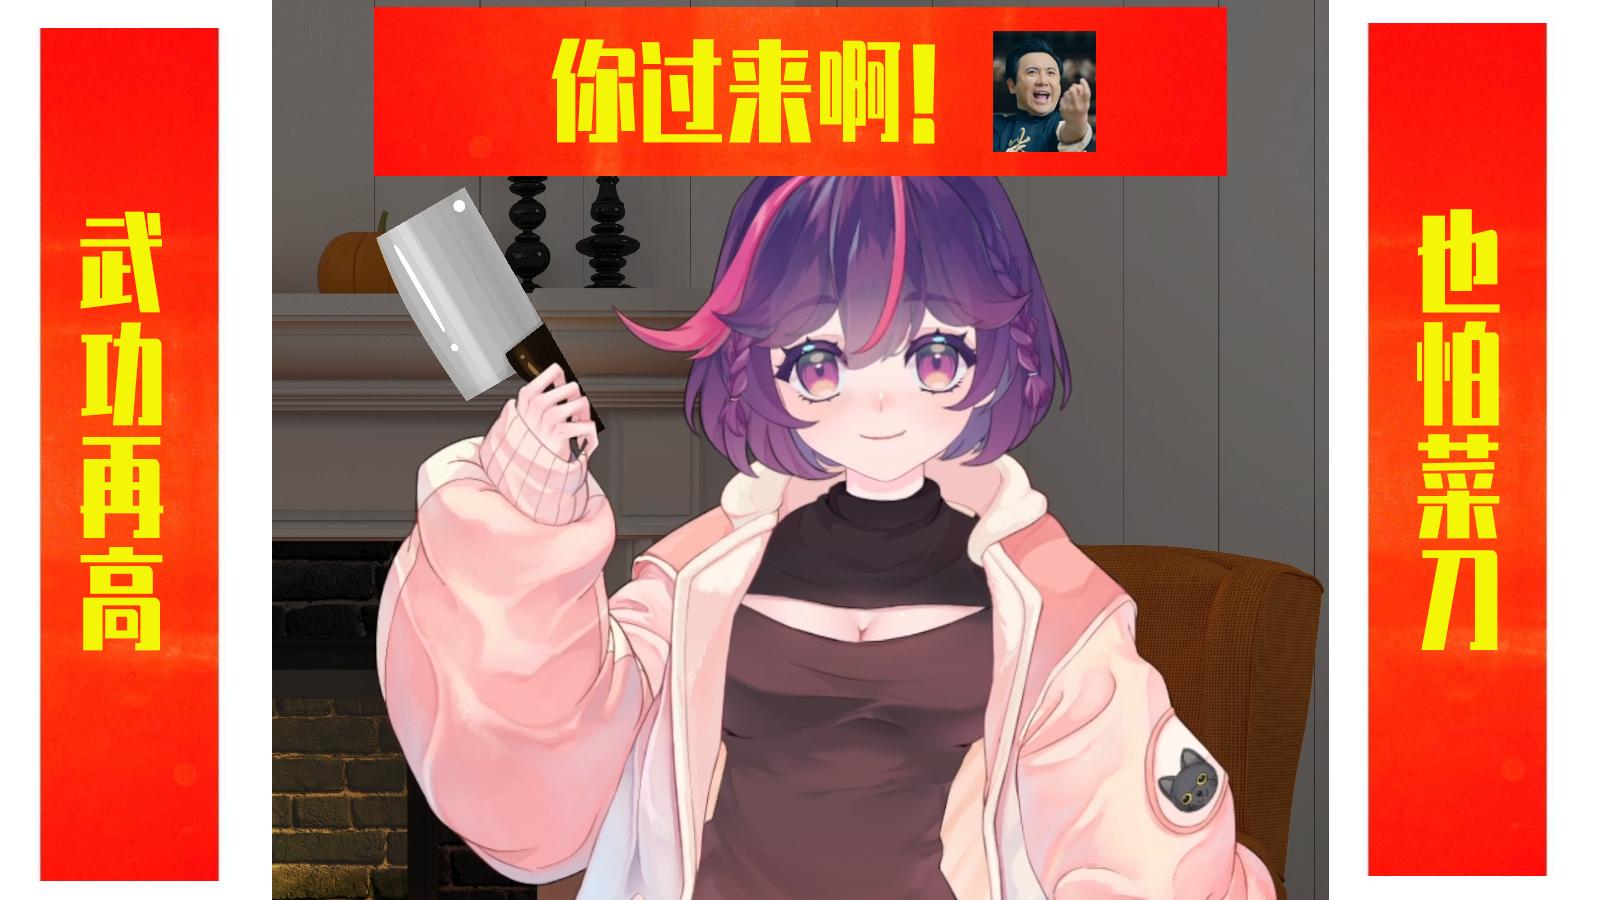 【陶陶】听说你们喜欢笑着甜甜的拿着菜刀的女孩子啊?那不就是我陶陶嘛!